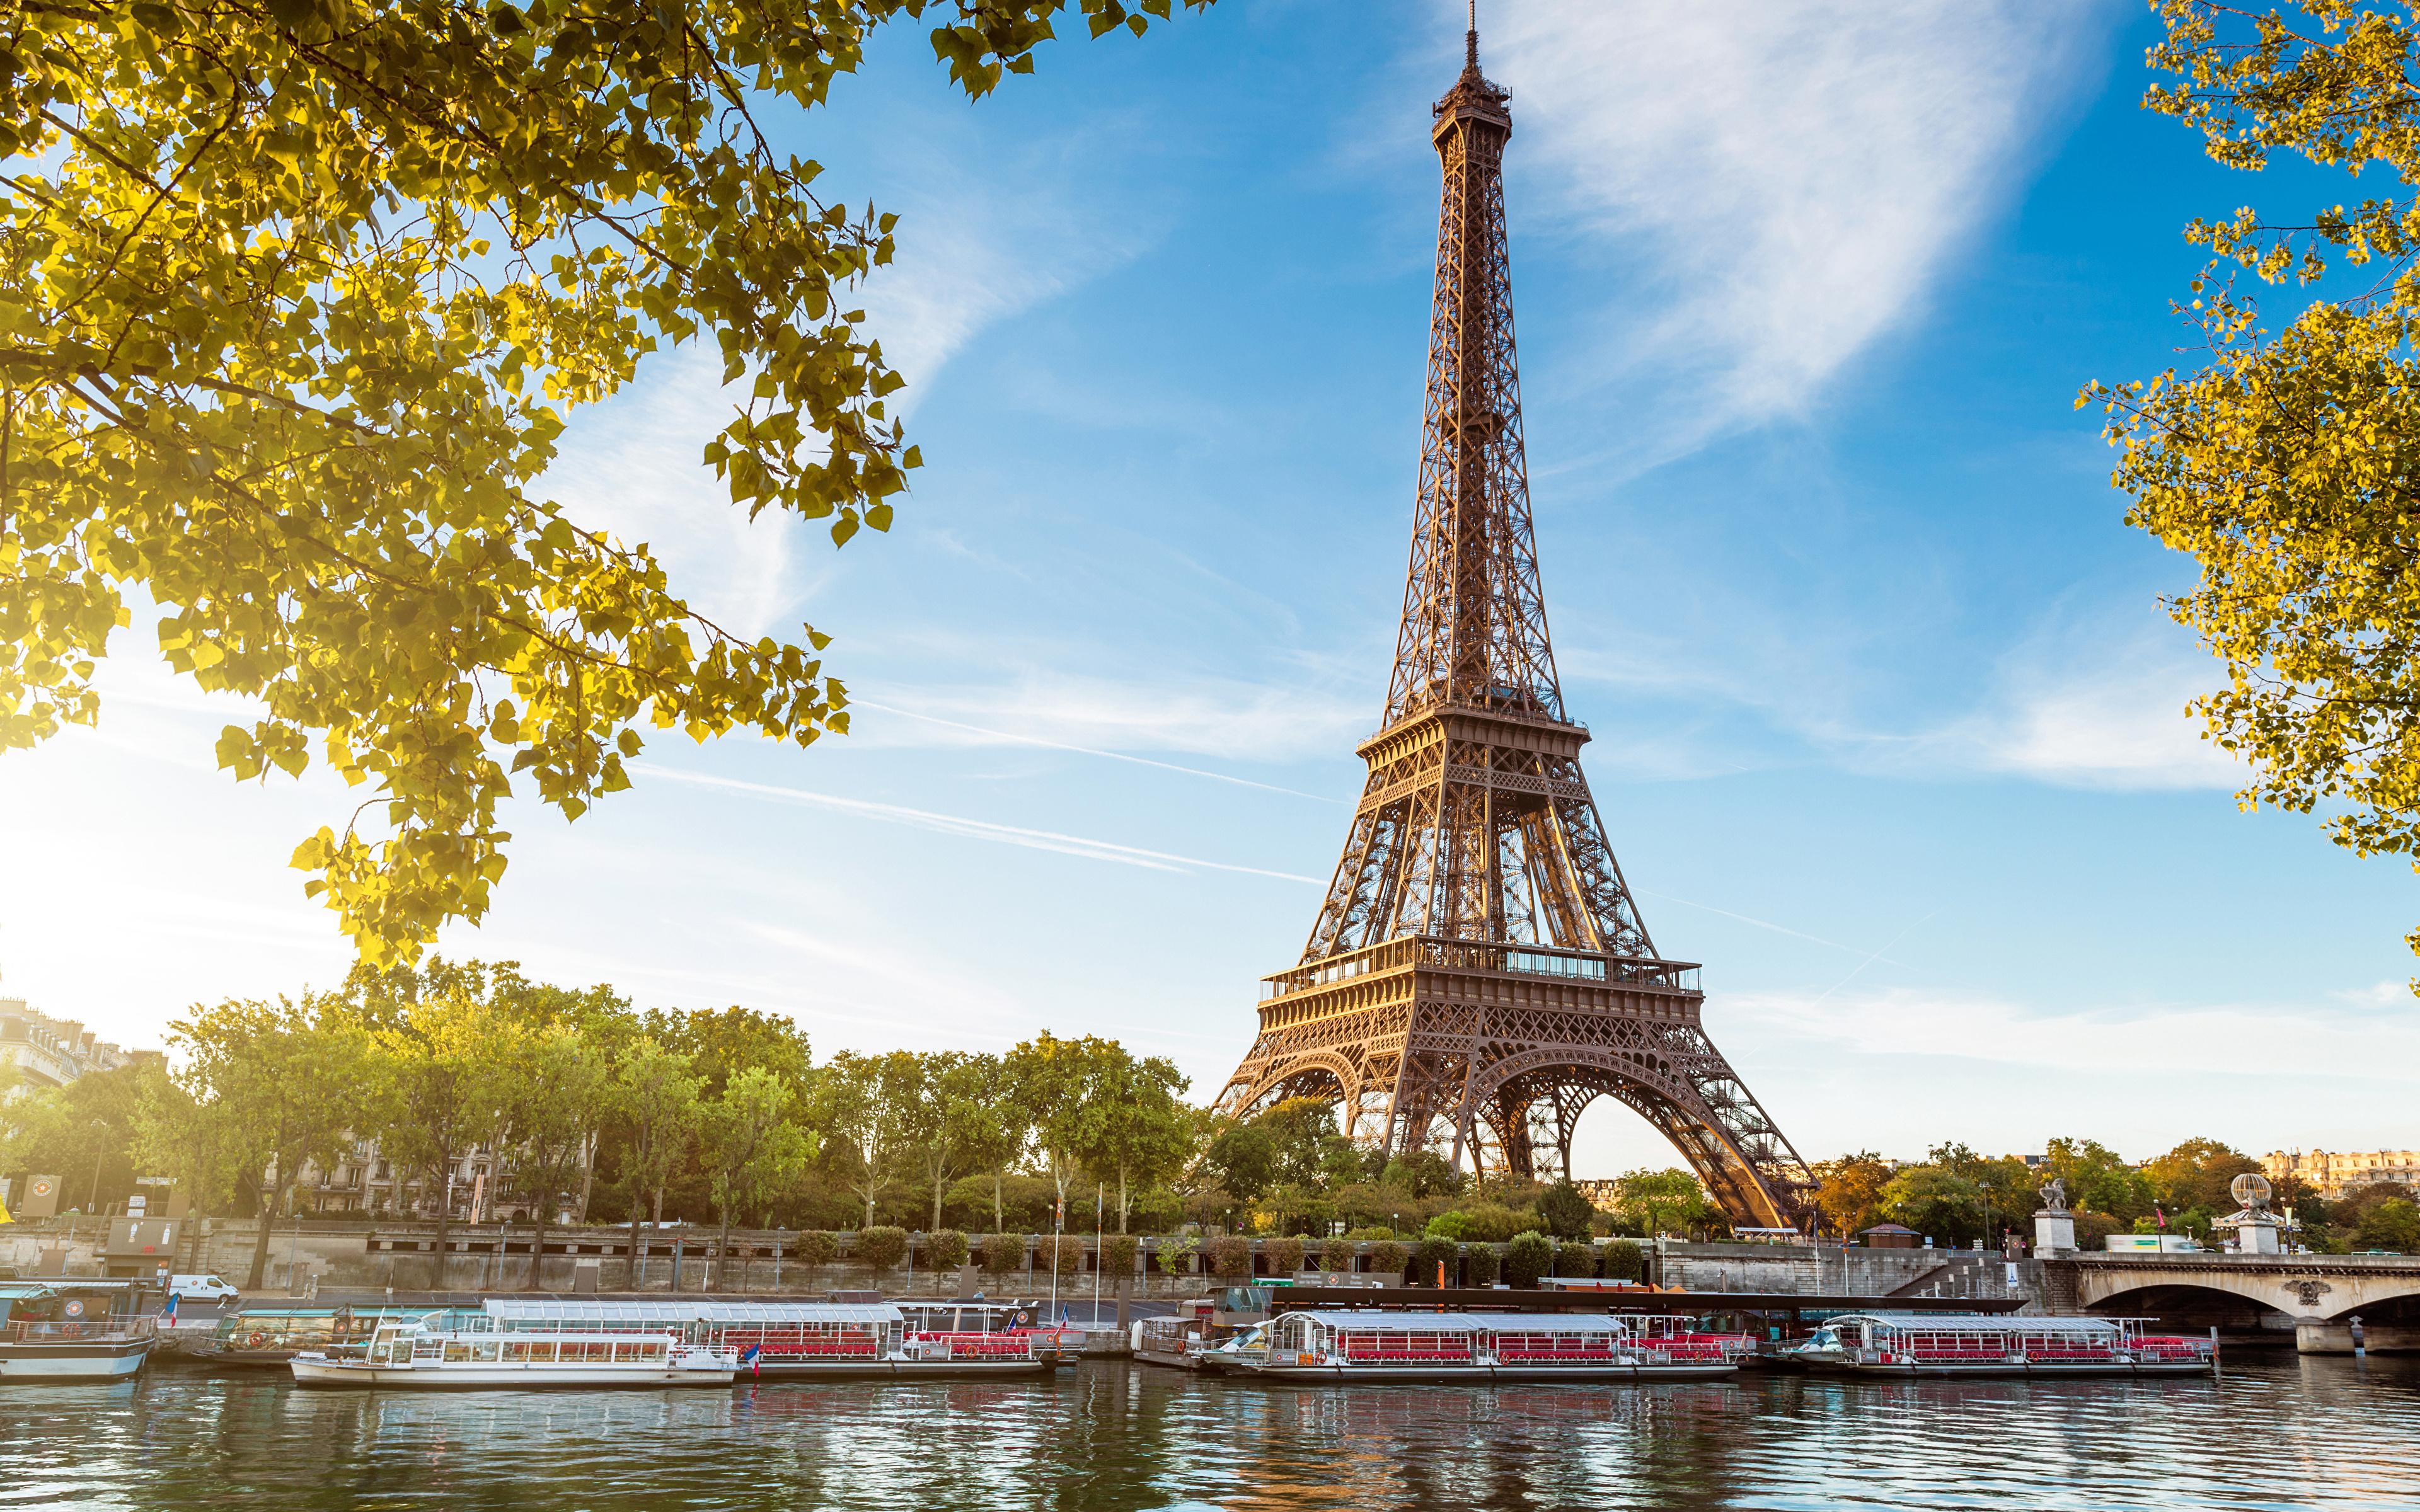 Фотографии Париж Эйфелева башня Франция Речные суда Города 3840x2400